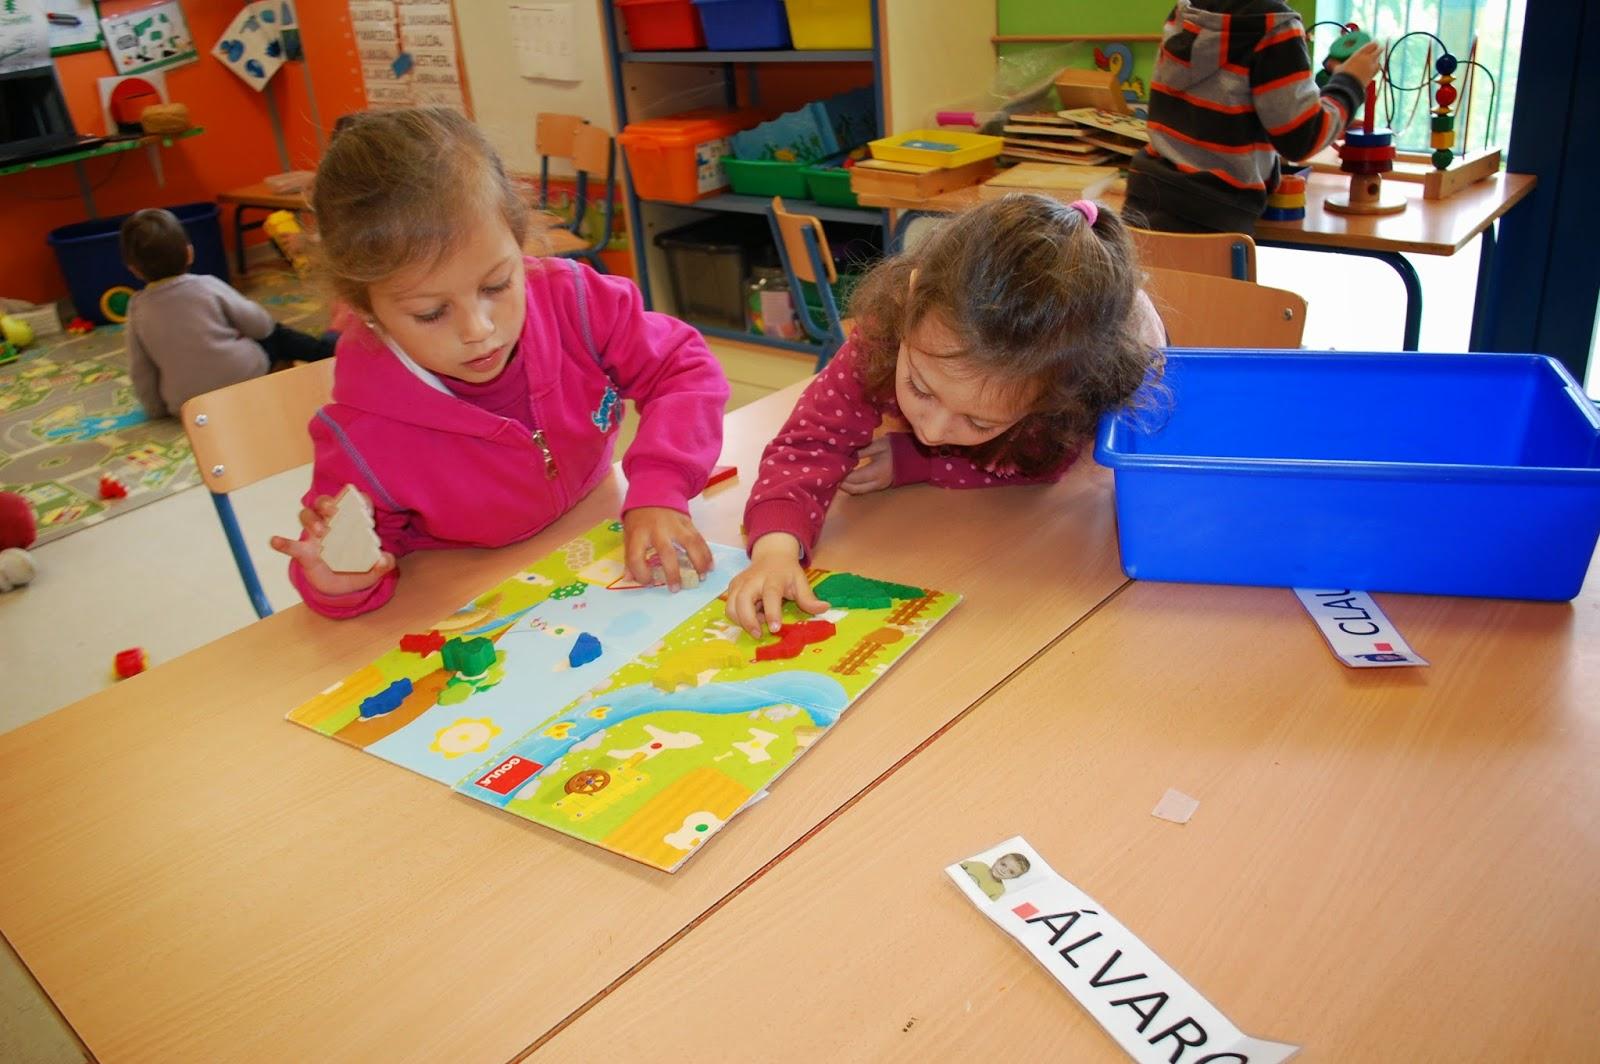 Aula infantil jugando y aprendiendo en los rincones for Aprendiendo y jugando jardin infantil